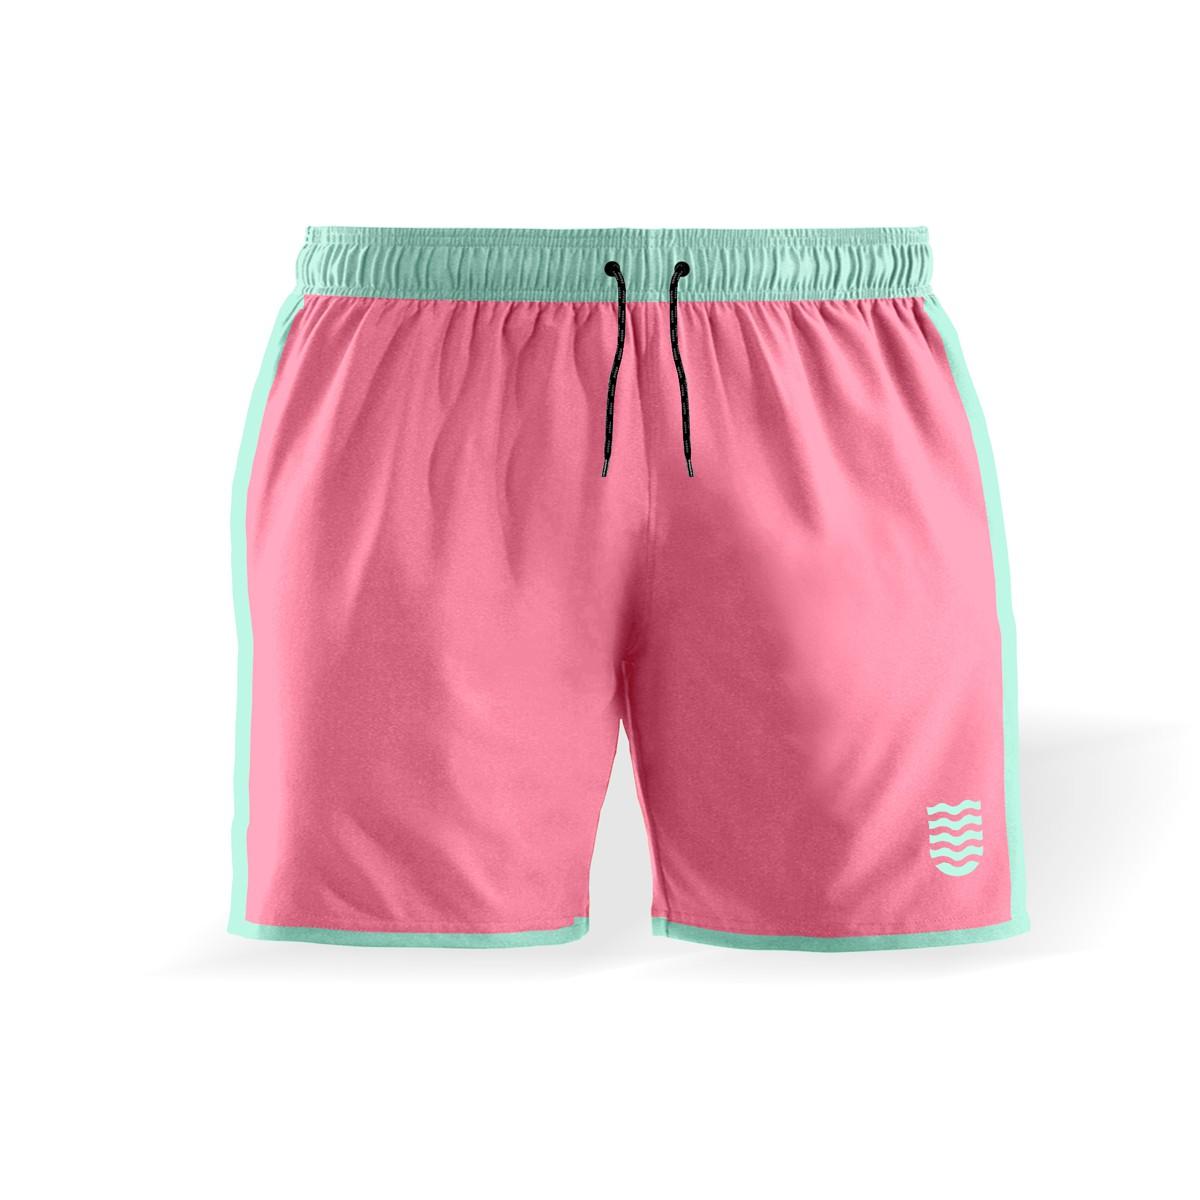 Shorts Masculino Wss Colors Chiclete